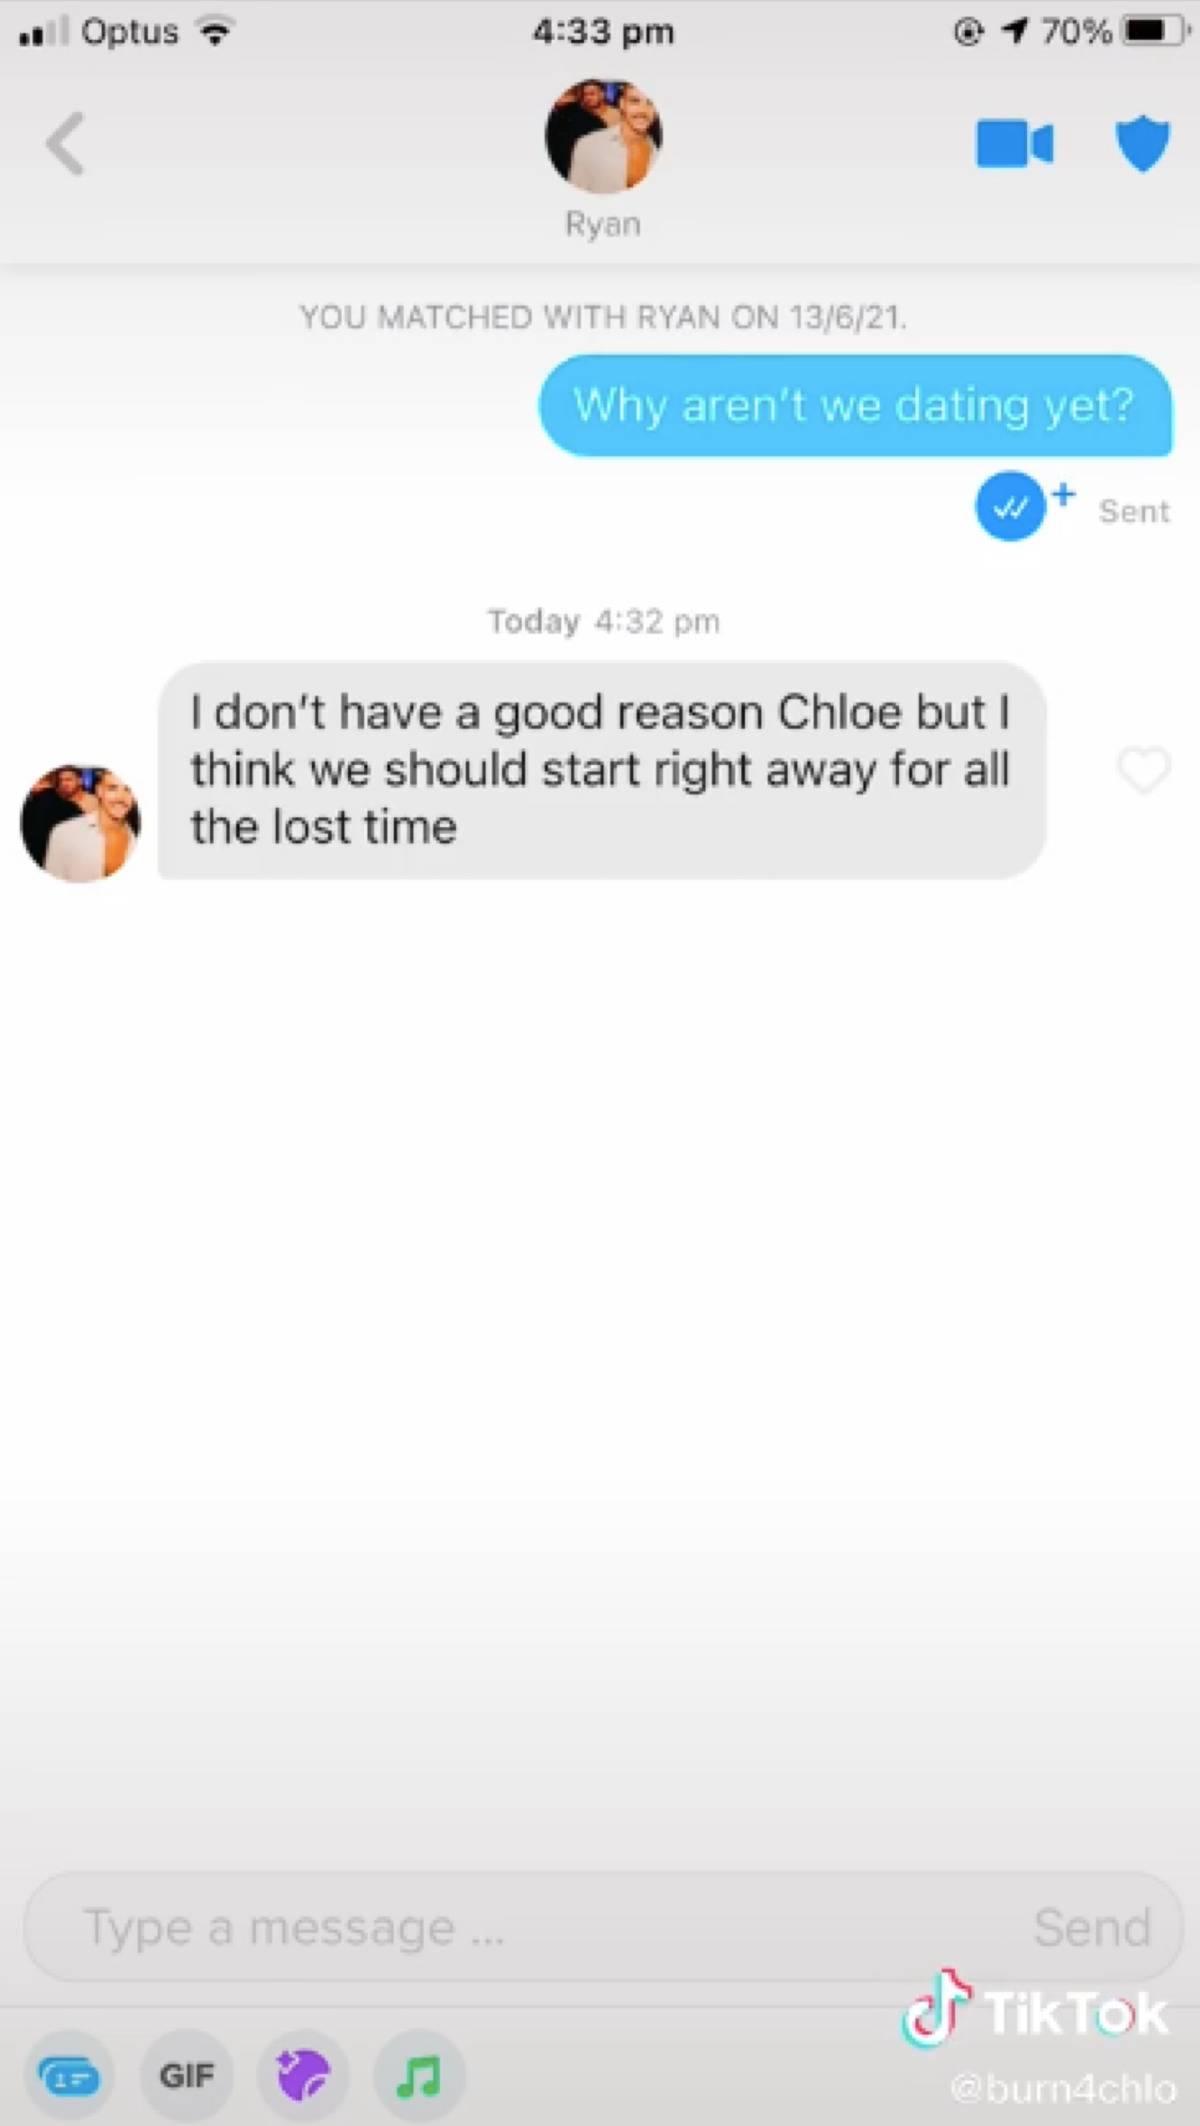 Tinder conversation, Chloe starts